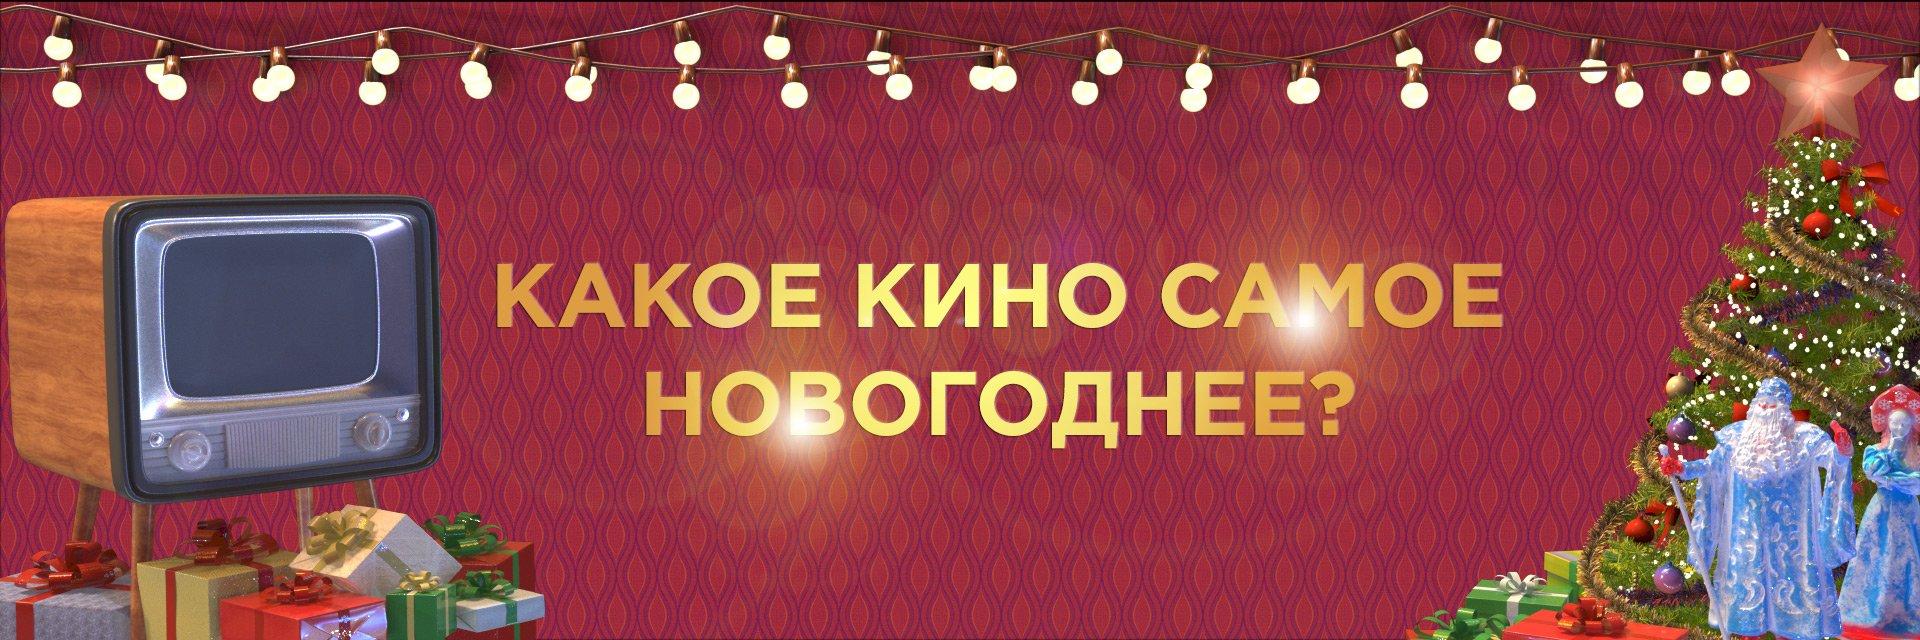 ОПРОС: Фильмы какой страны у вас ассоциируются с новогодним настроением?